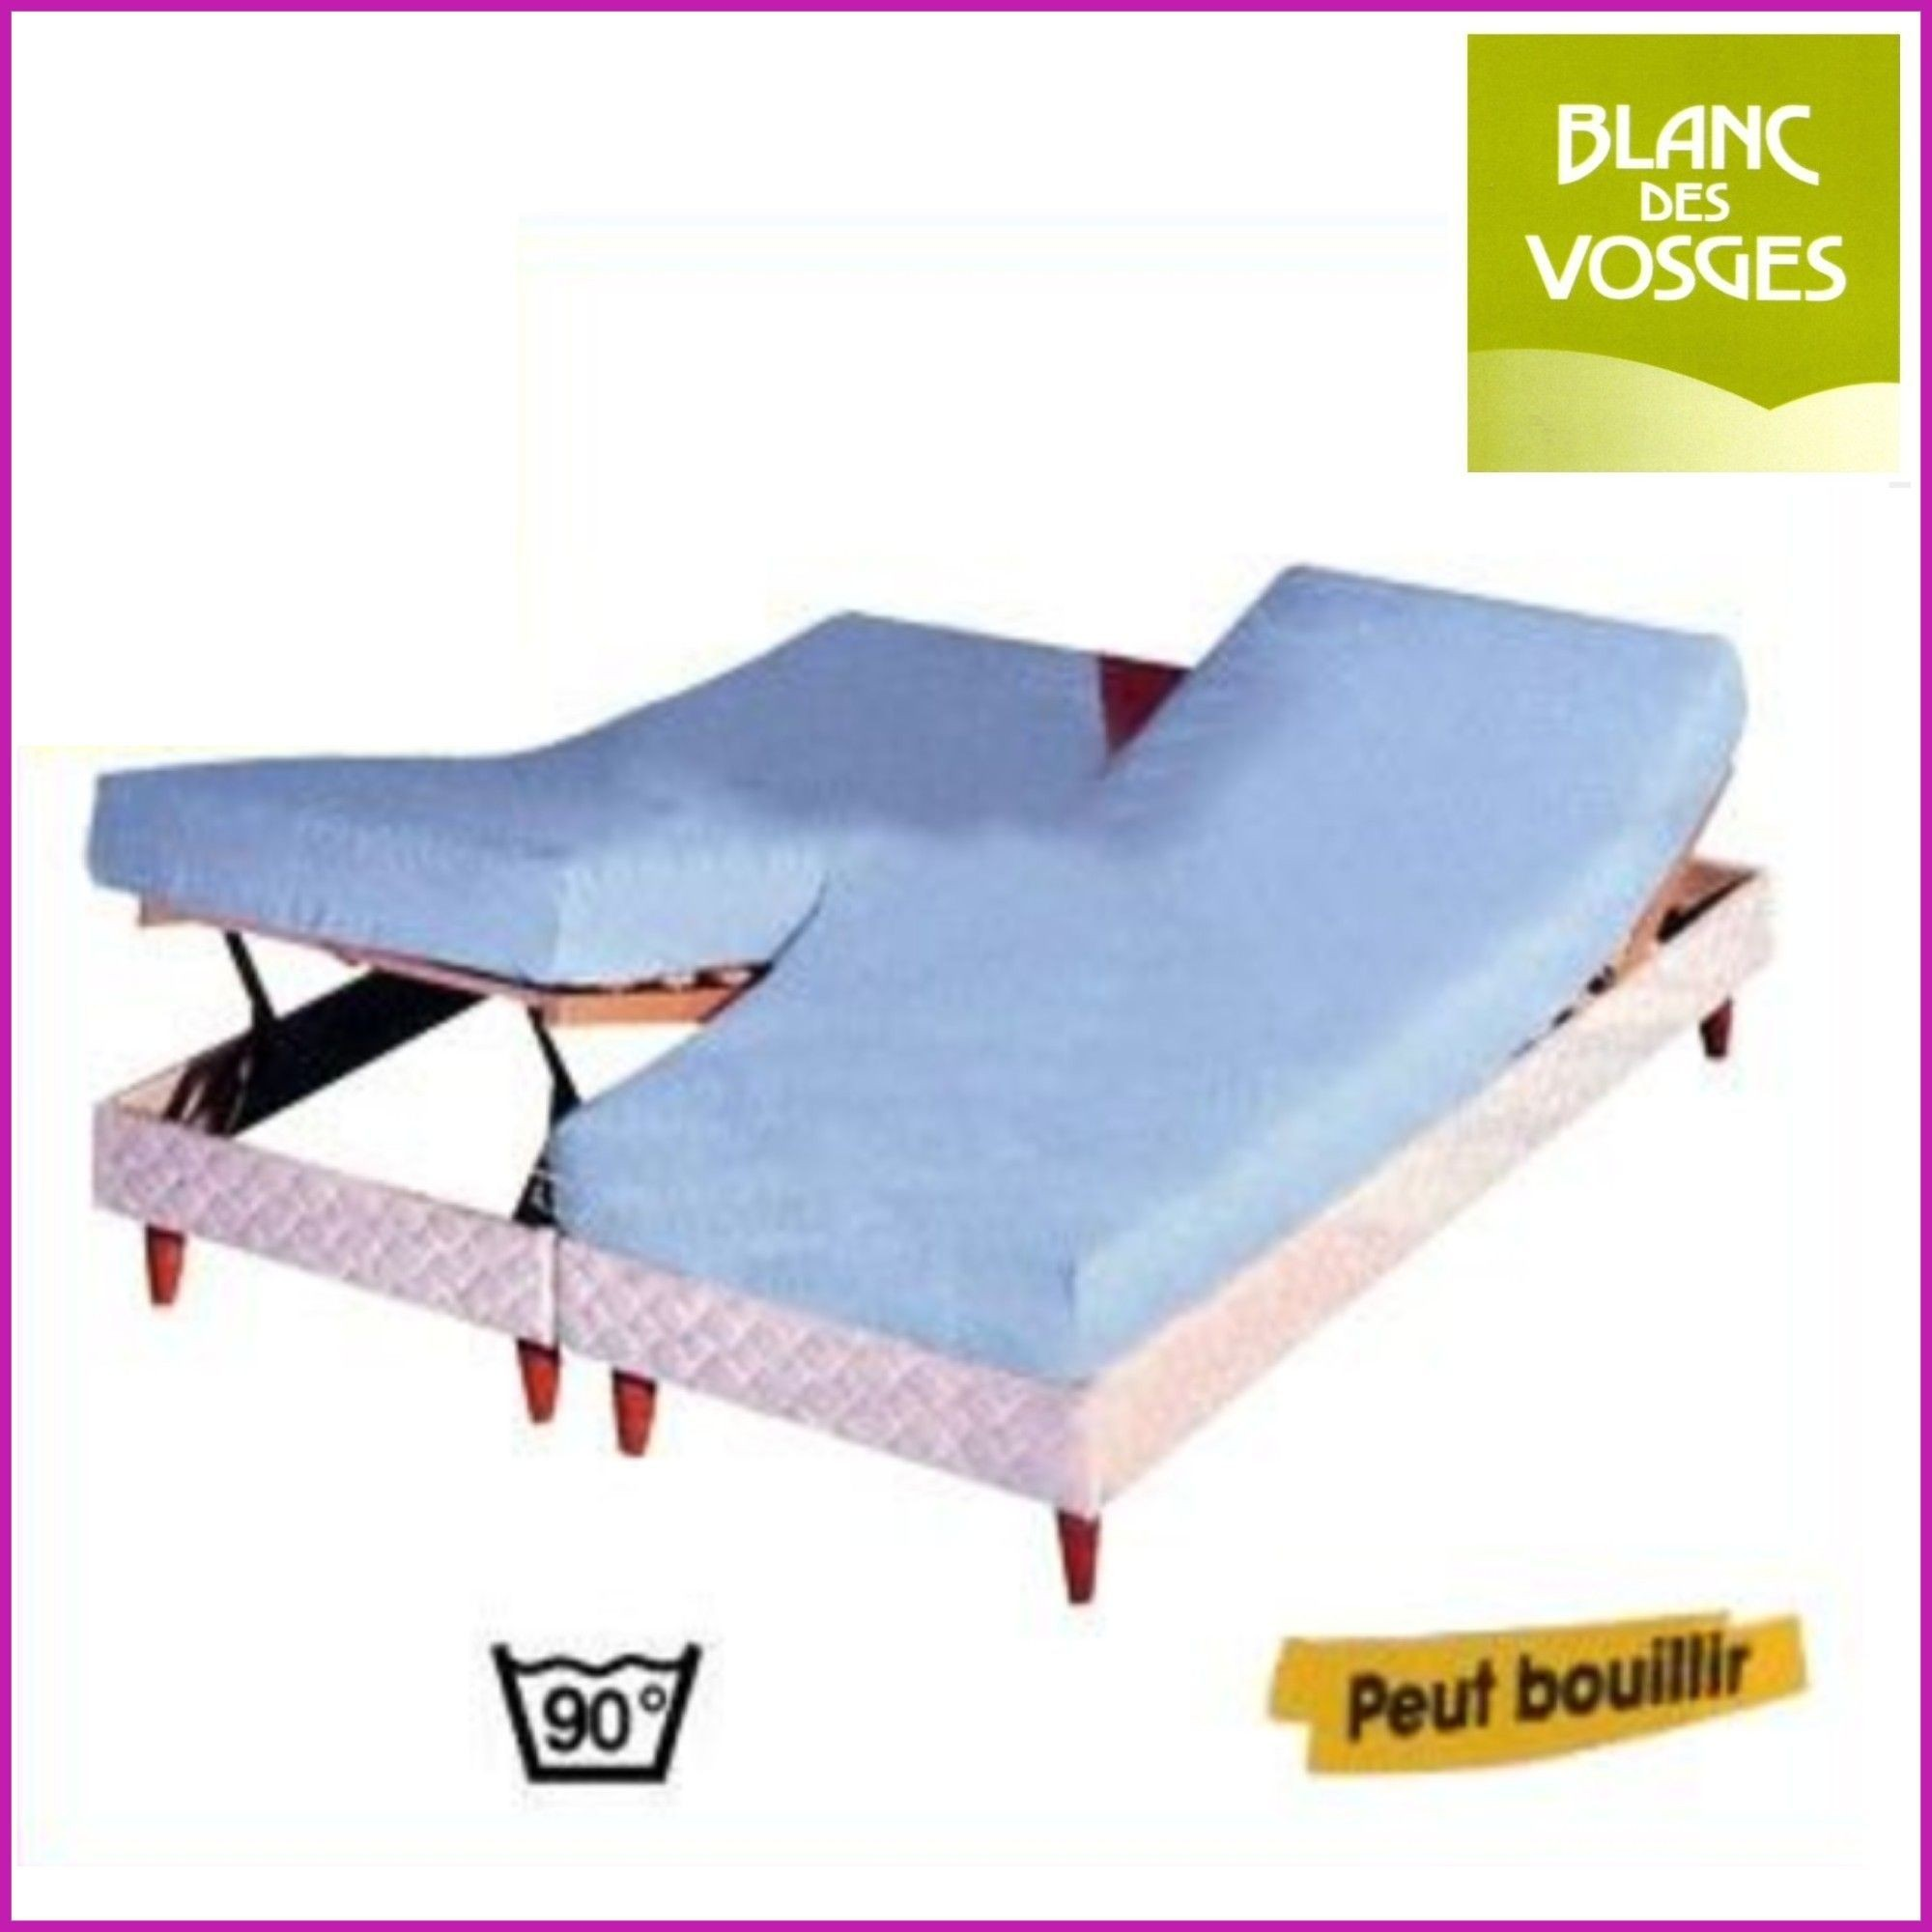 vente drap housse lit relevable coton blanc des vosges pas cher avenue literie. Black Bedroom Furniture Sets. Home Design Ideas